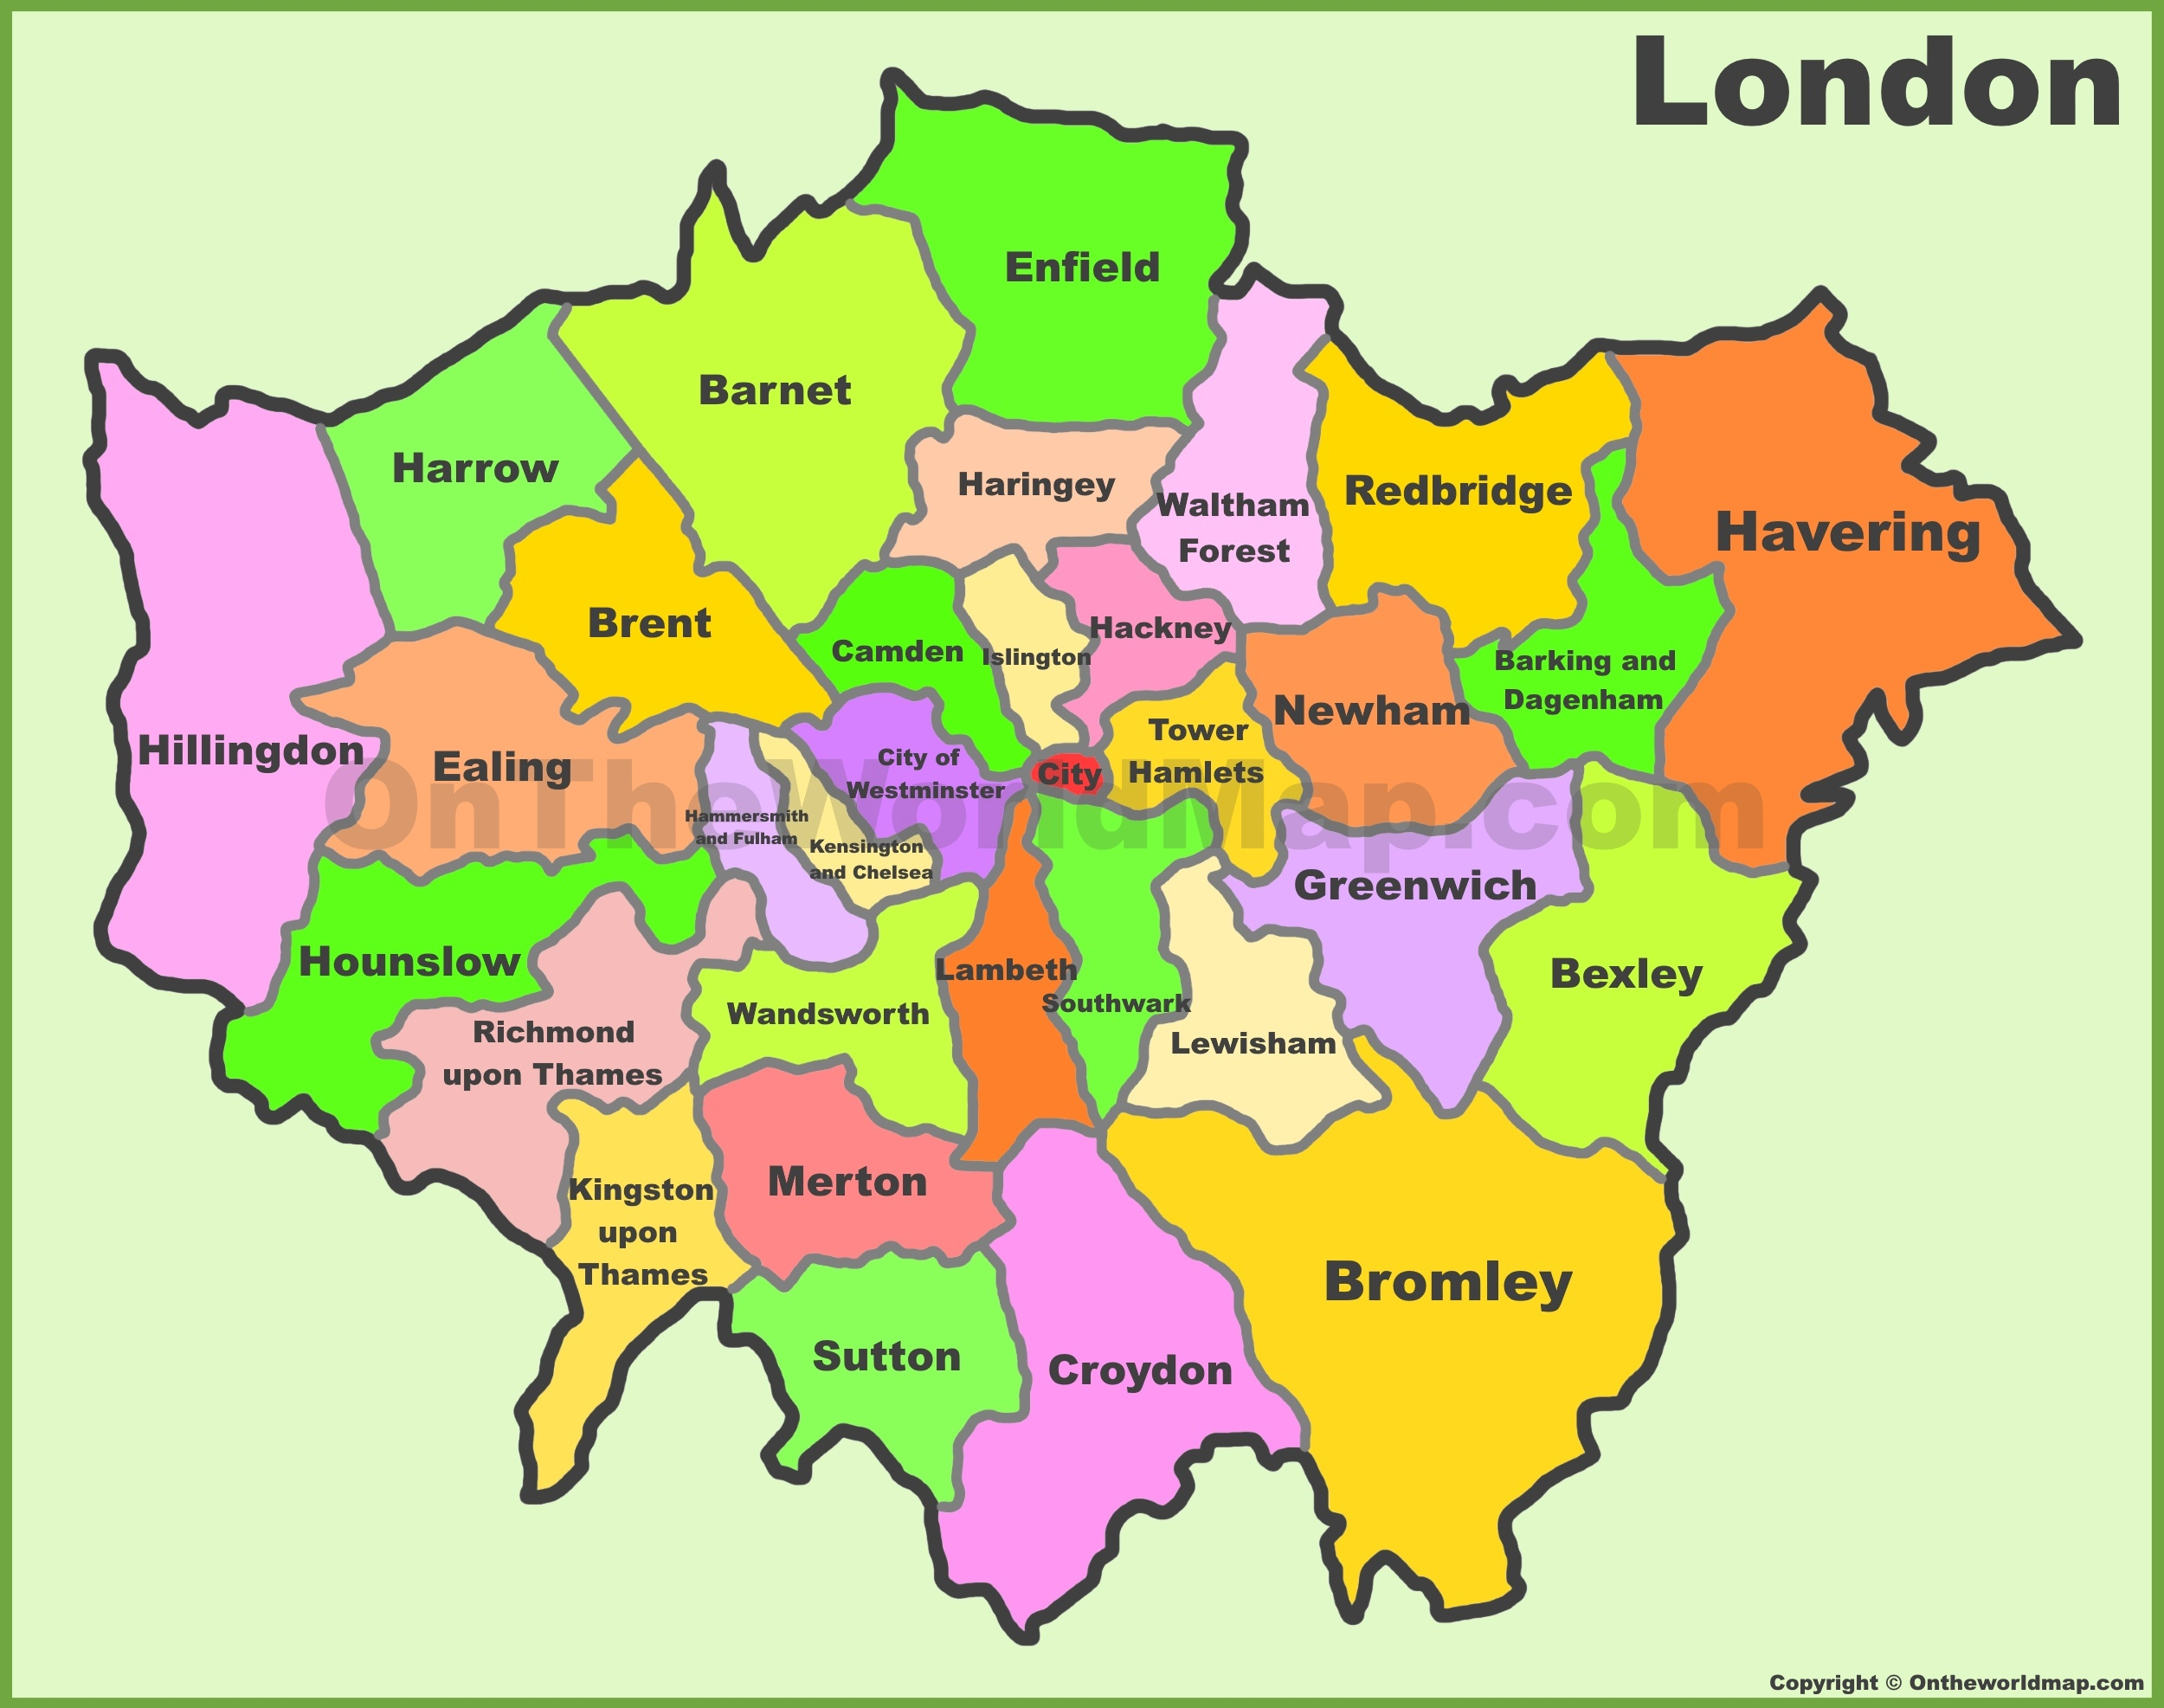 London Boroughs Map London boroughs map London Boroughs Map